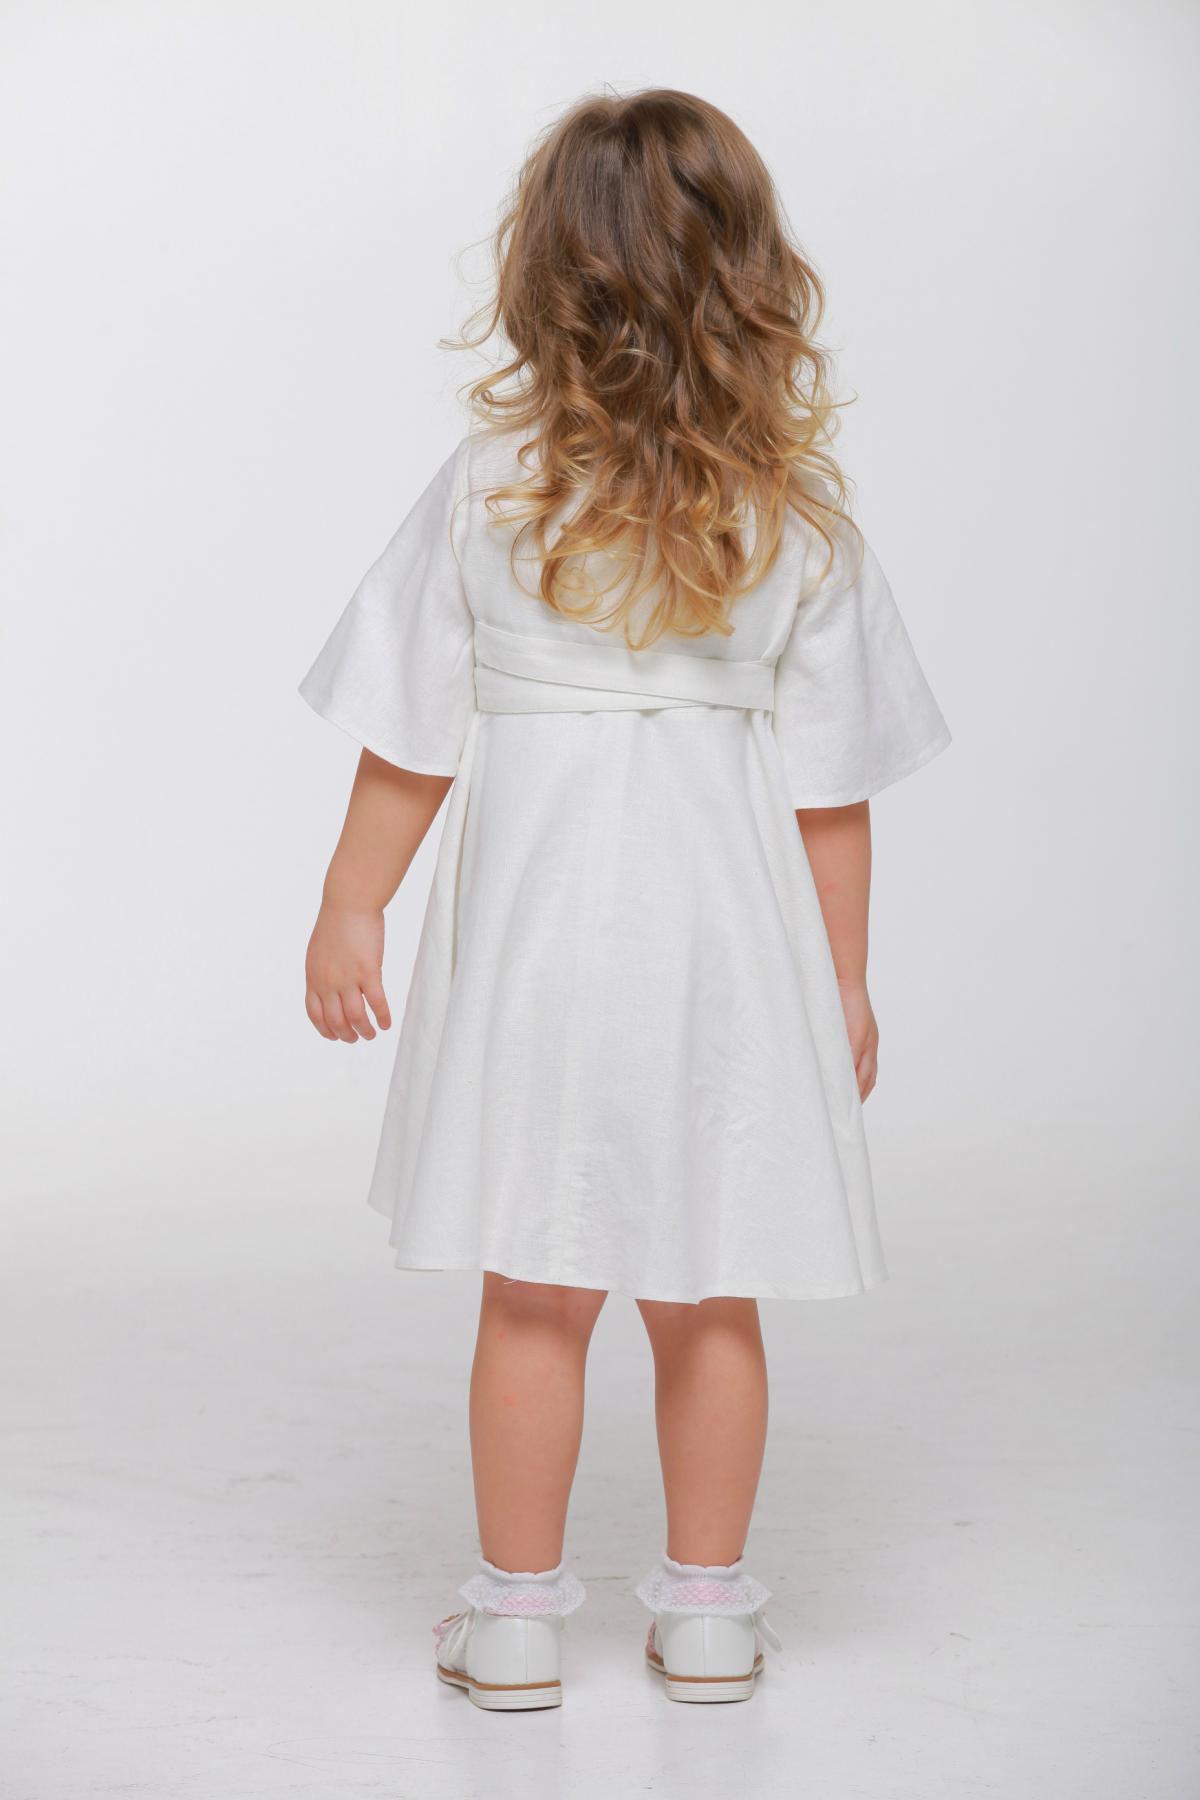 Дитяча вишита сукня біла. Фото №2. | Народний дім Україна